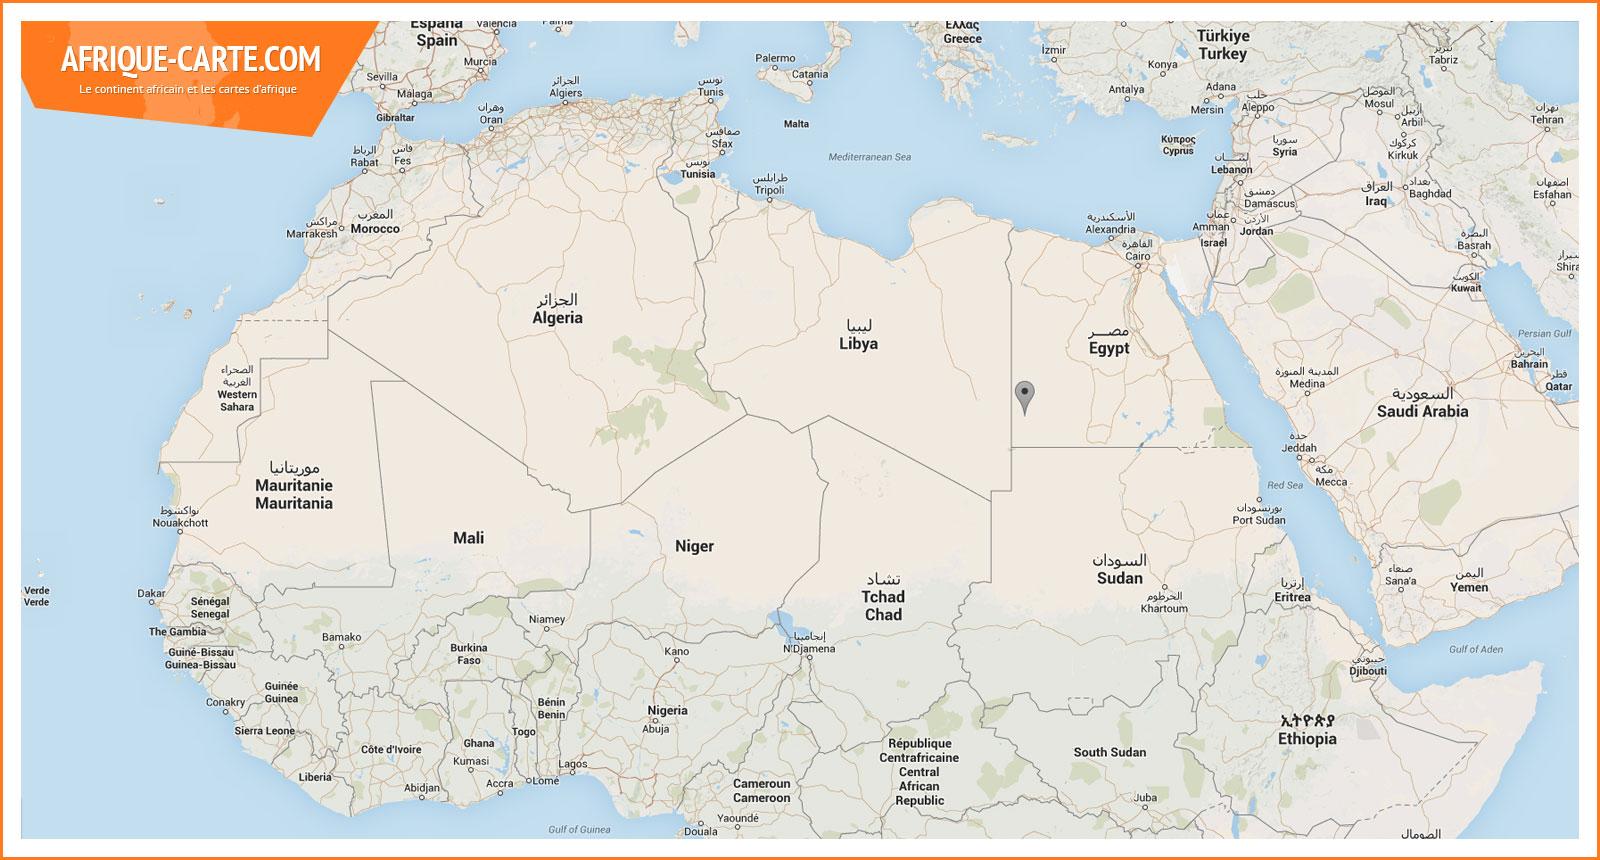 carte-afrique-nord